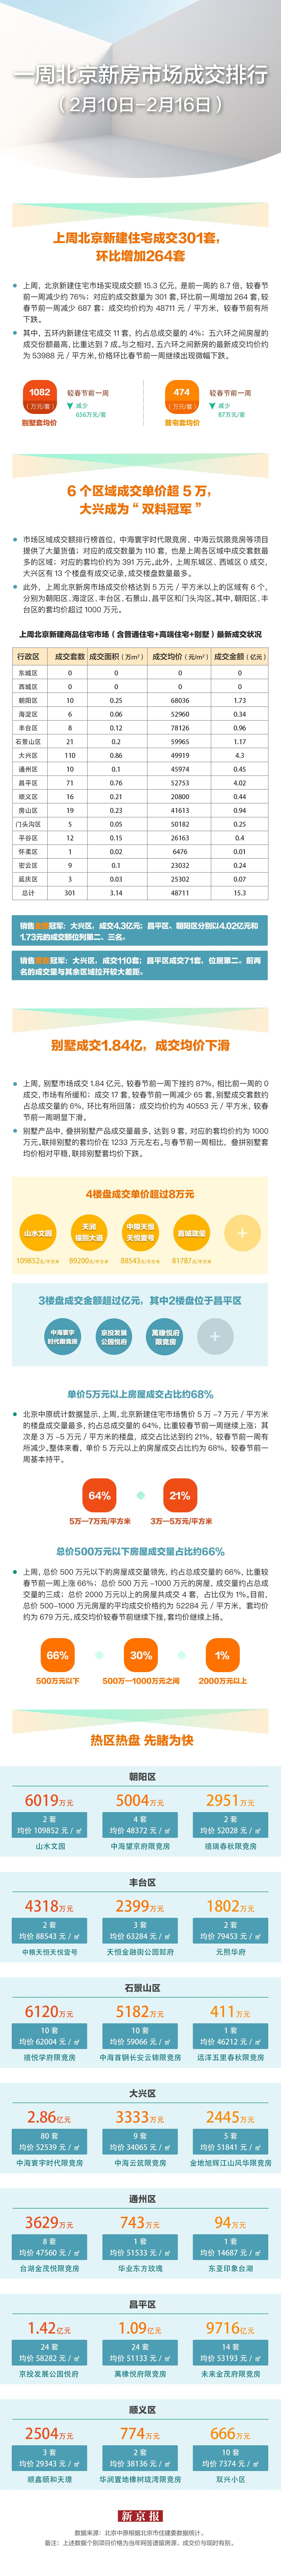 上周北京新建住宅成交15.3亿 大兴区逆袭图片